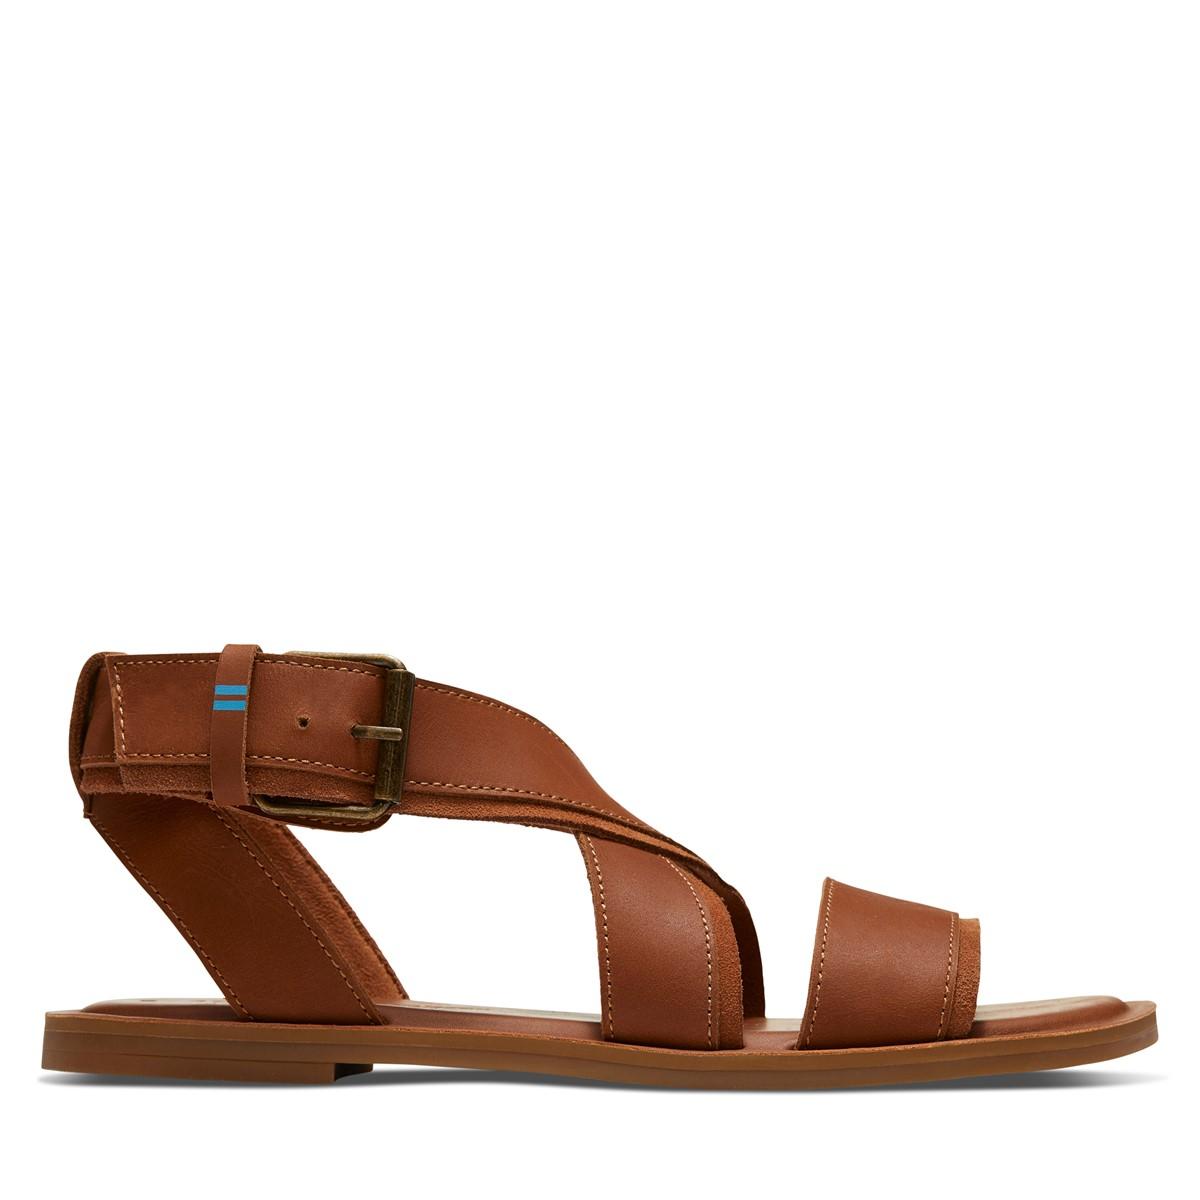 Sandales Sydney brun clair pour femmes